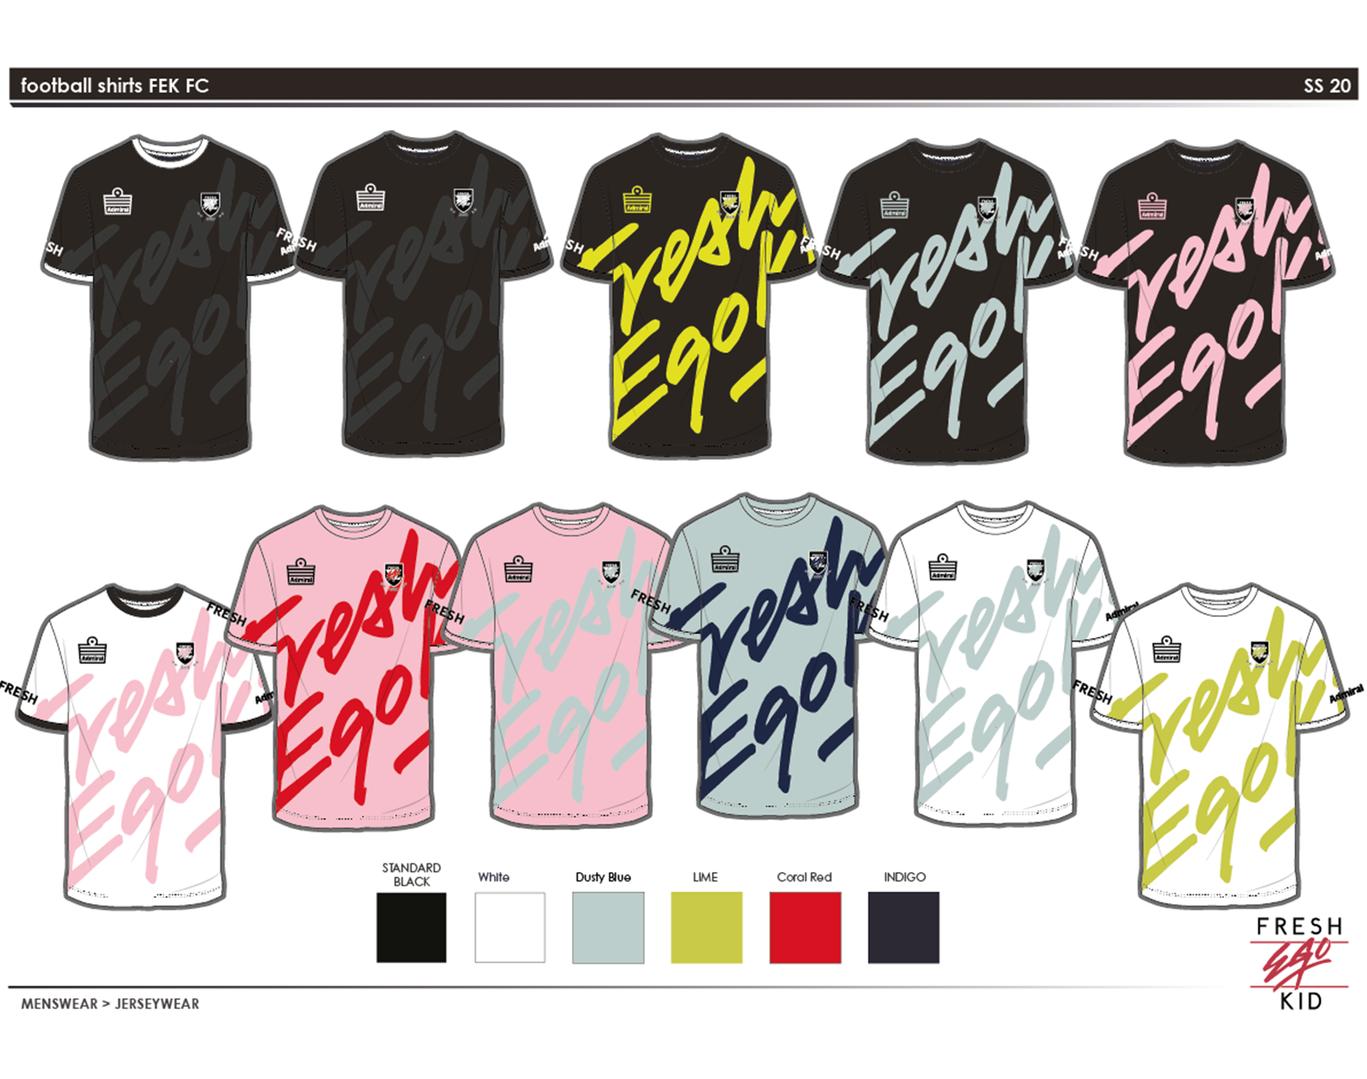 FEK - Football Kit design 2